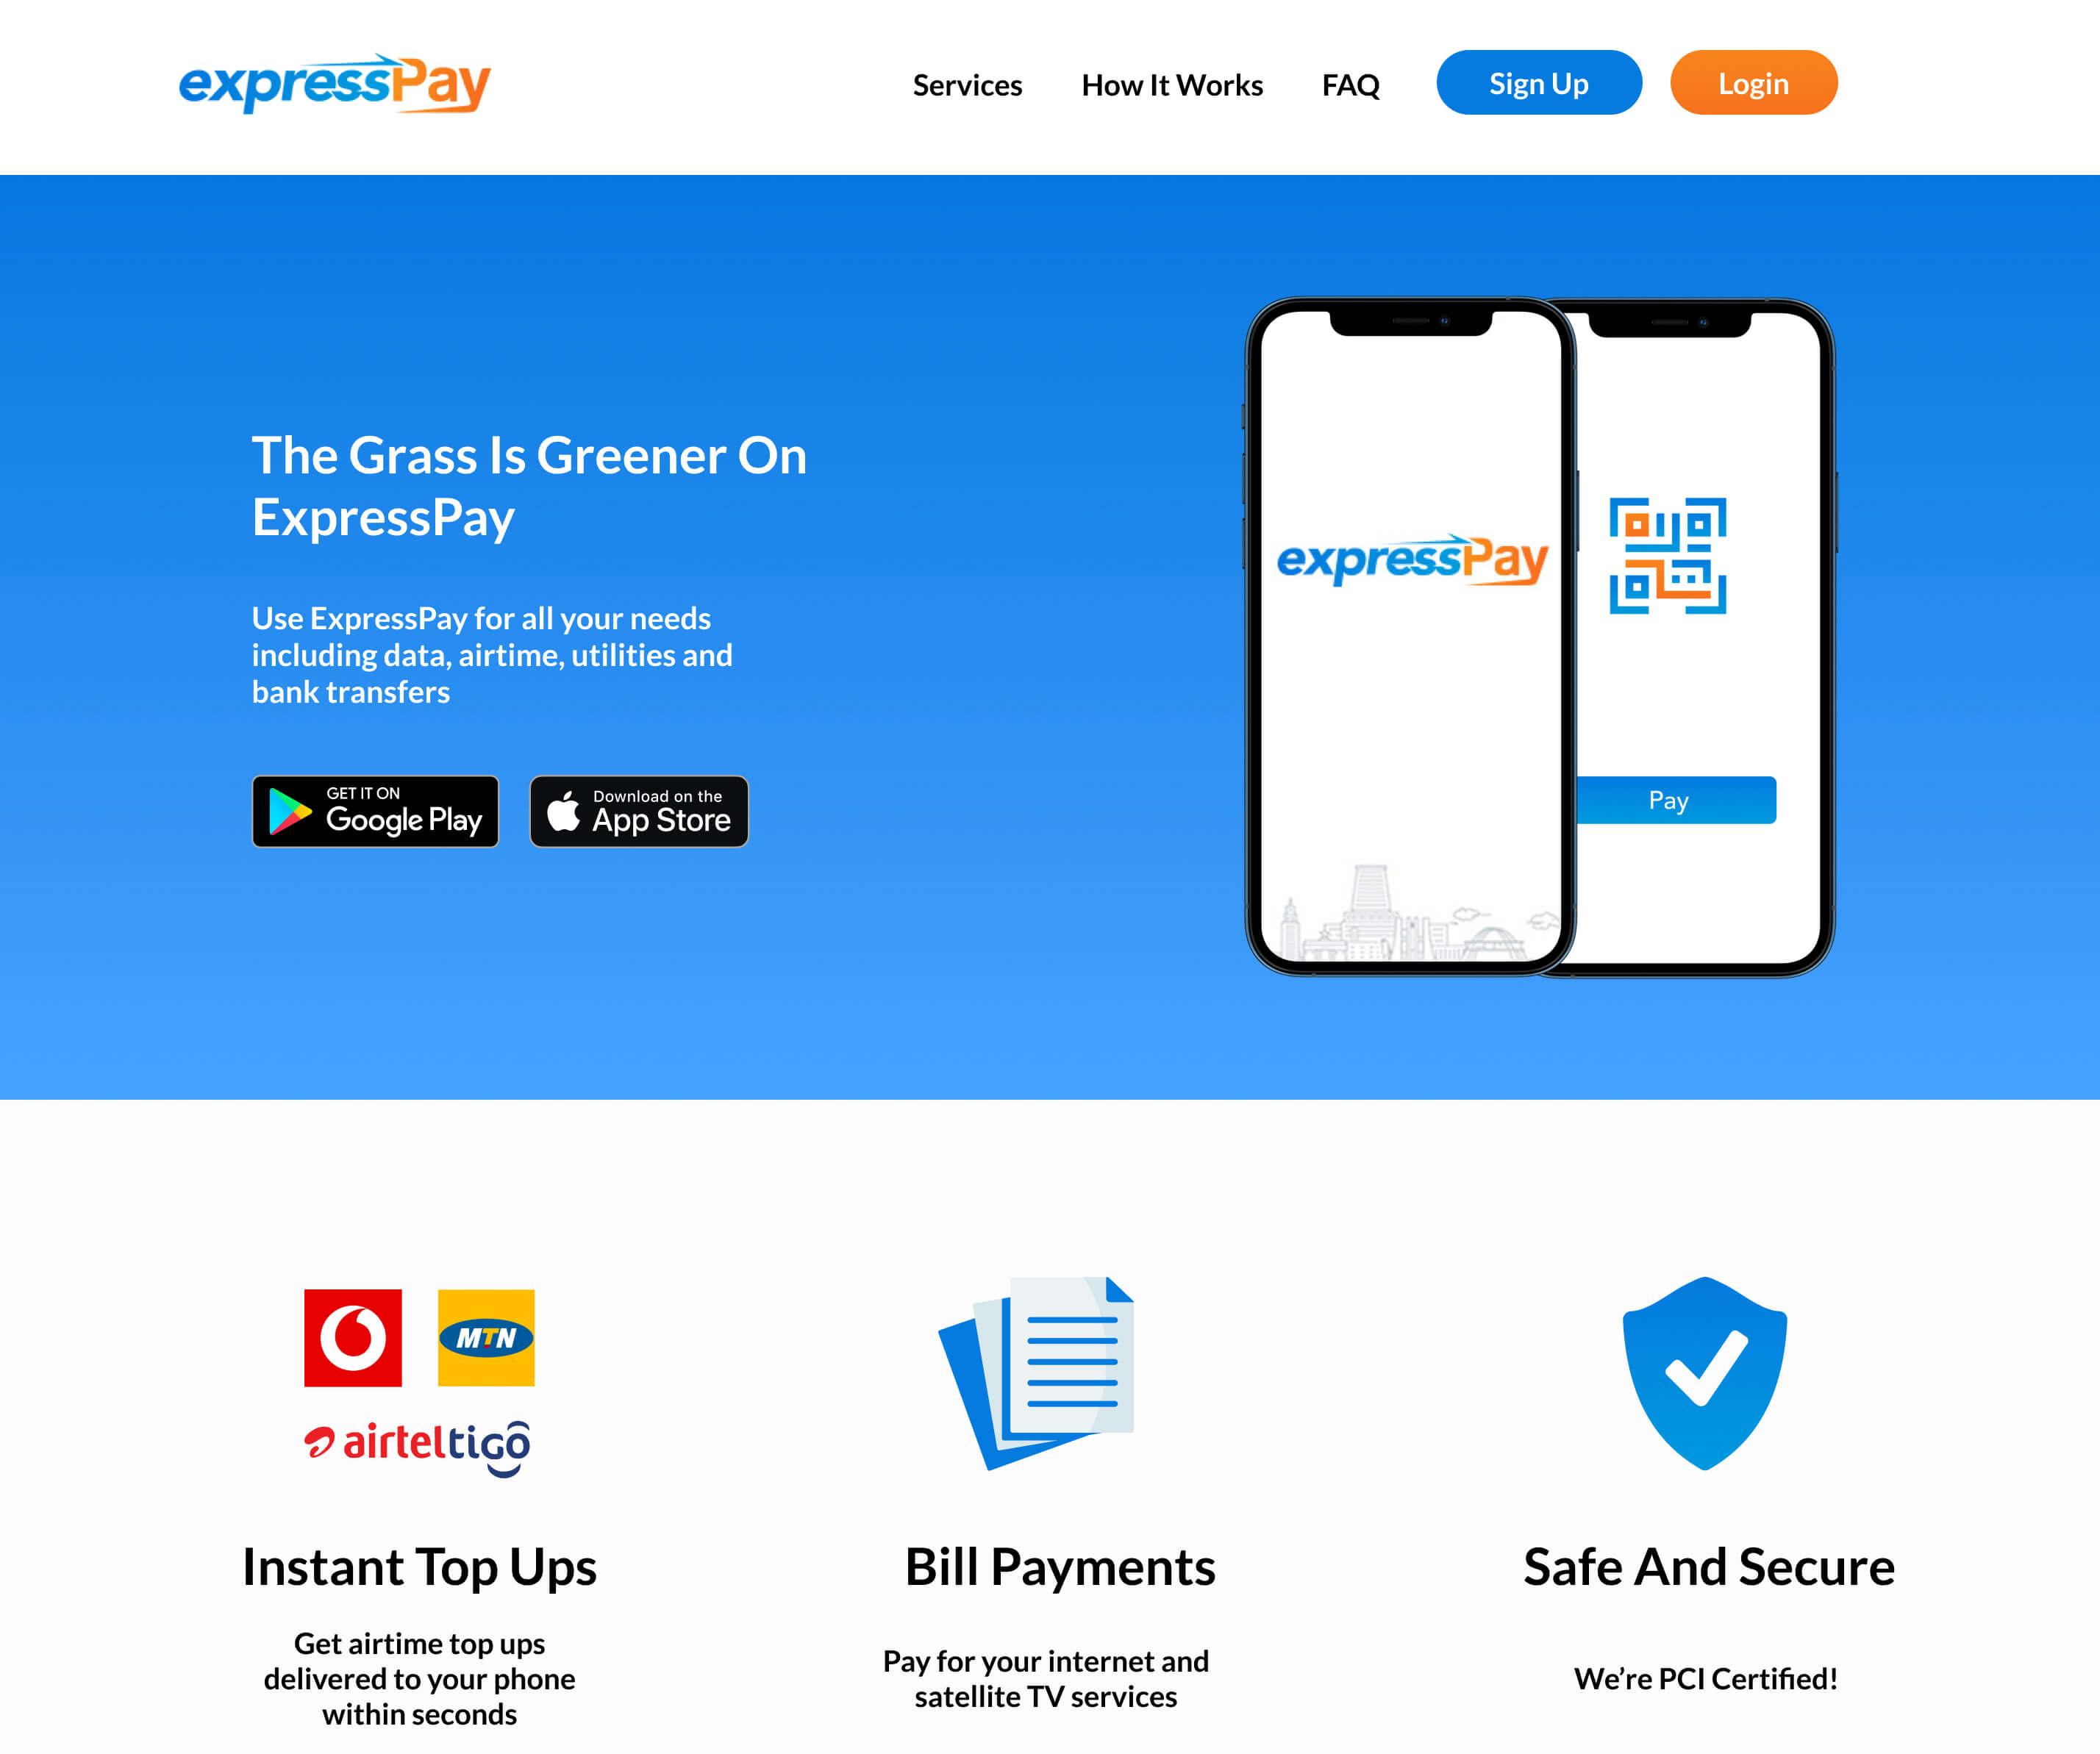 New expresspay website